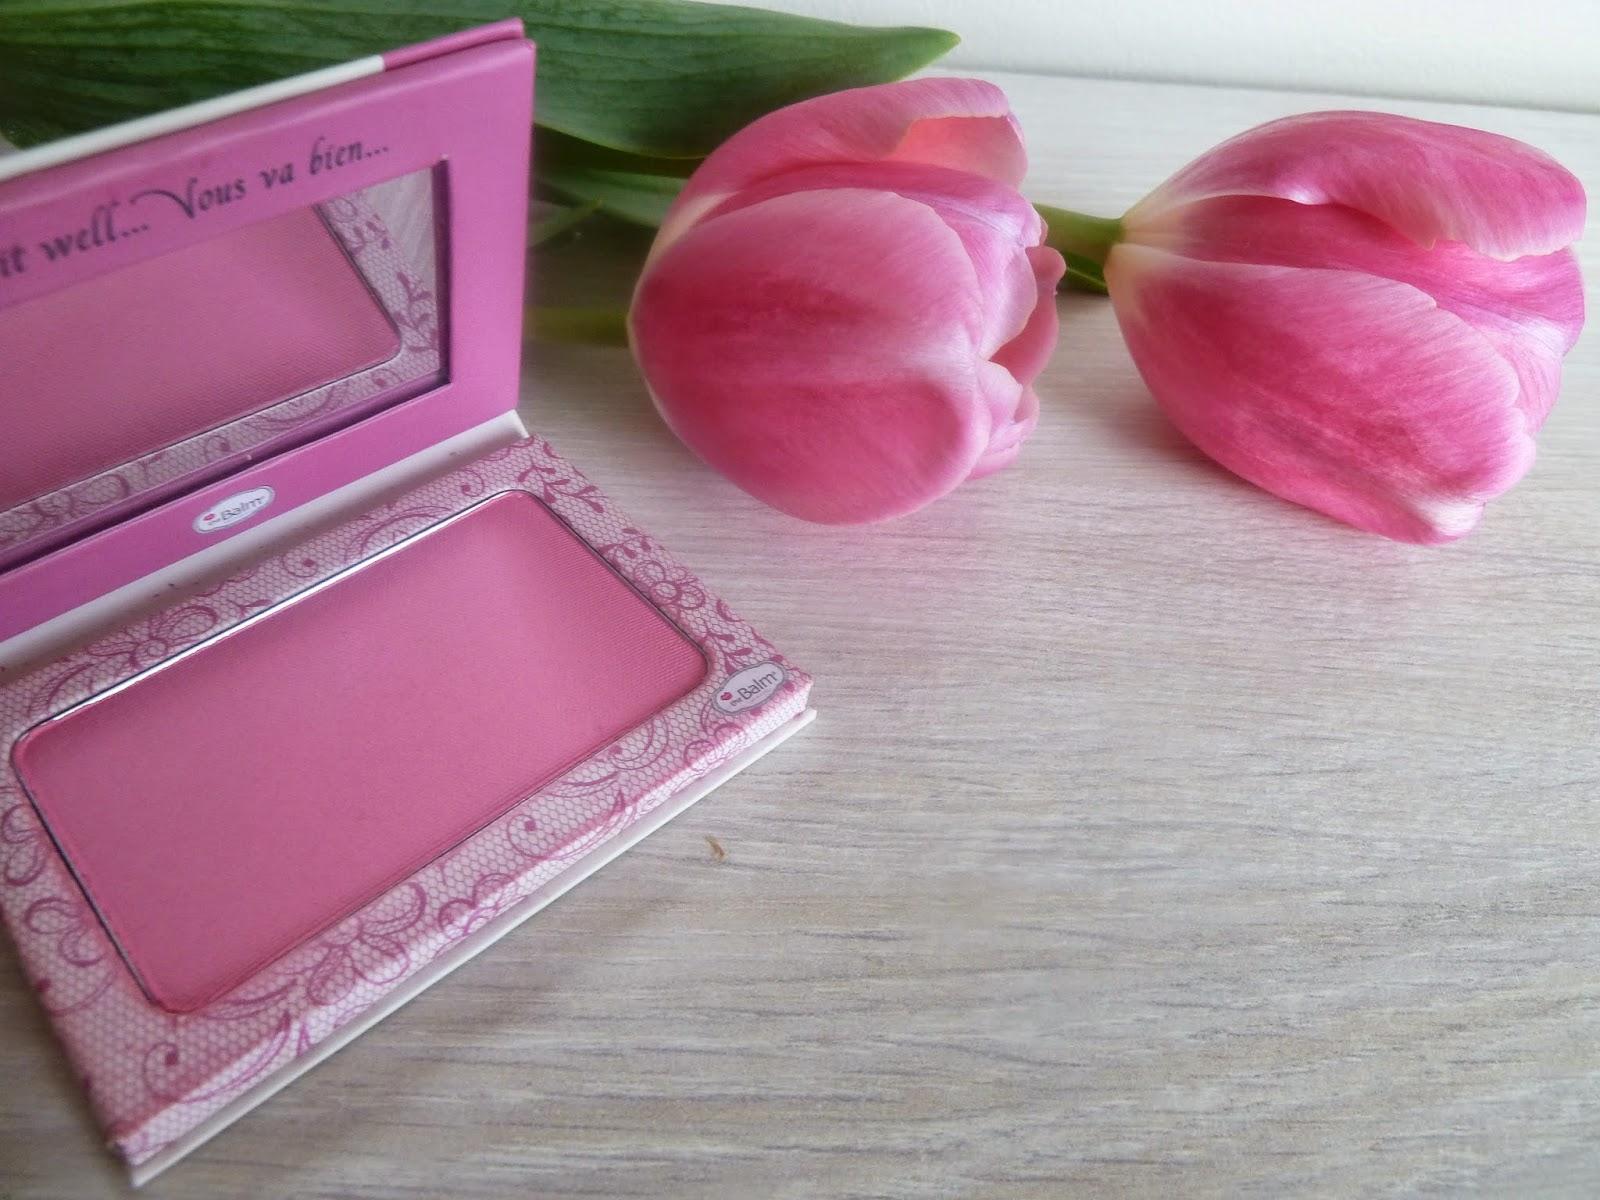 Mes favoris et belles d couvertes mars 4 lesenviesdetalie for Miroir eclat silver